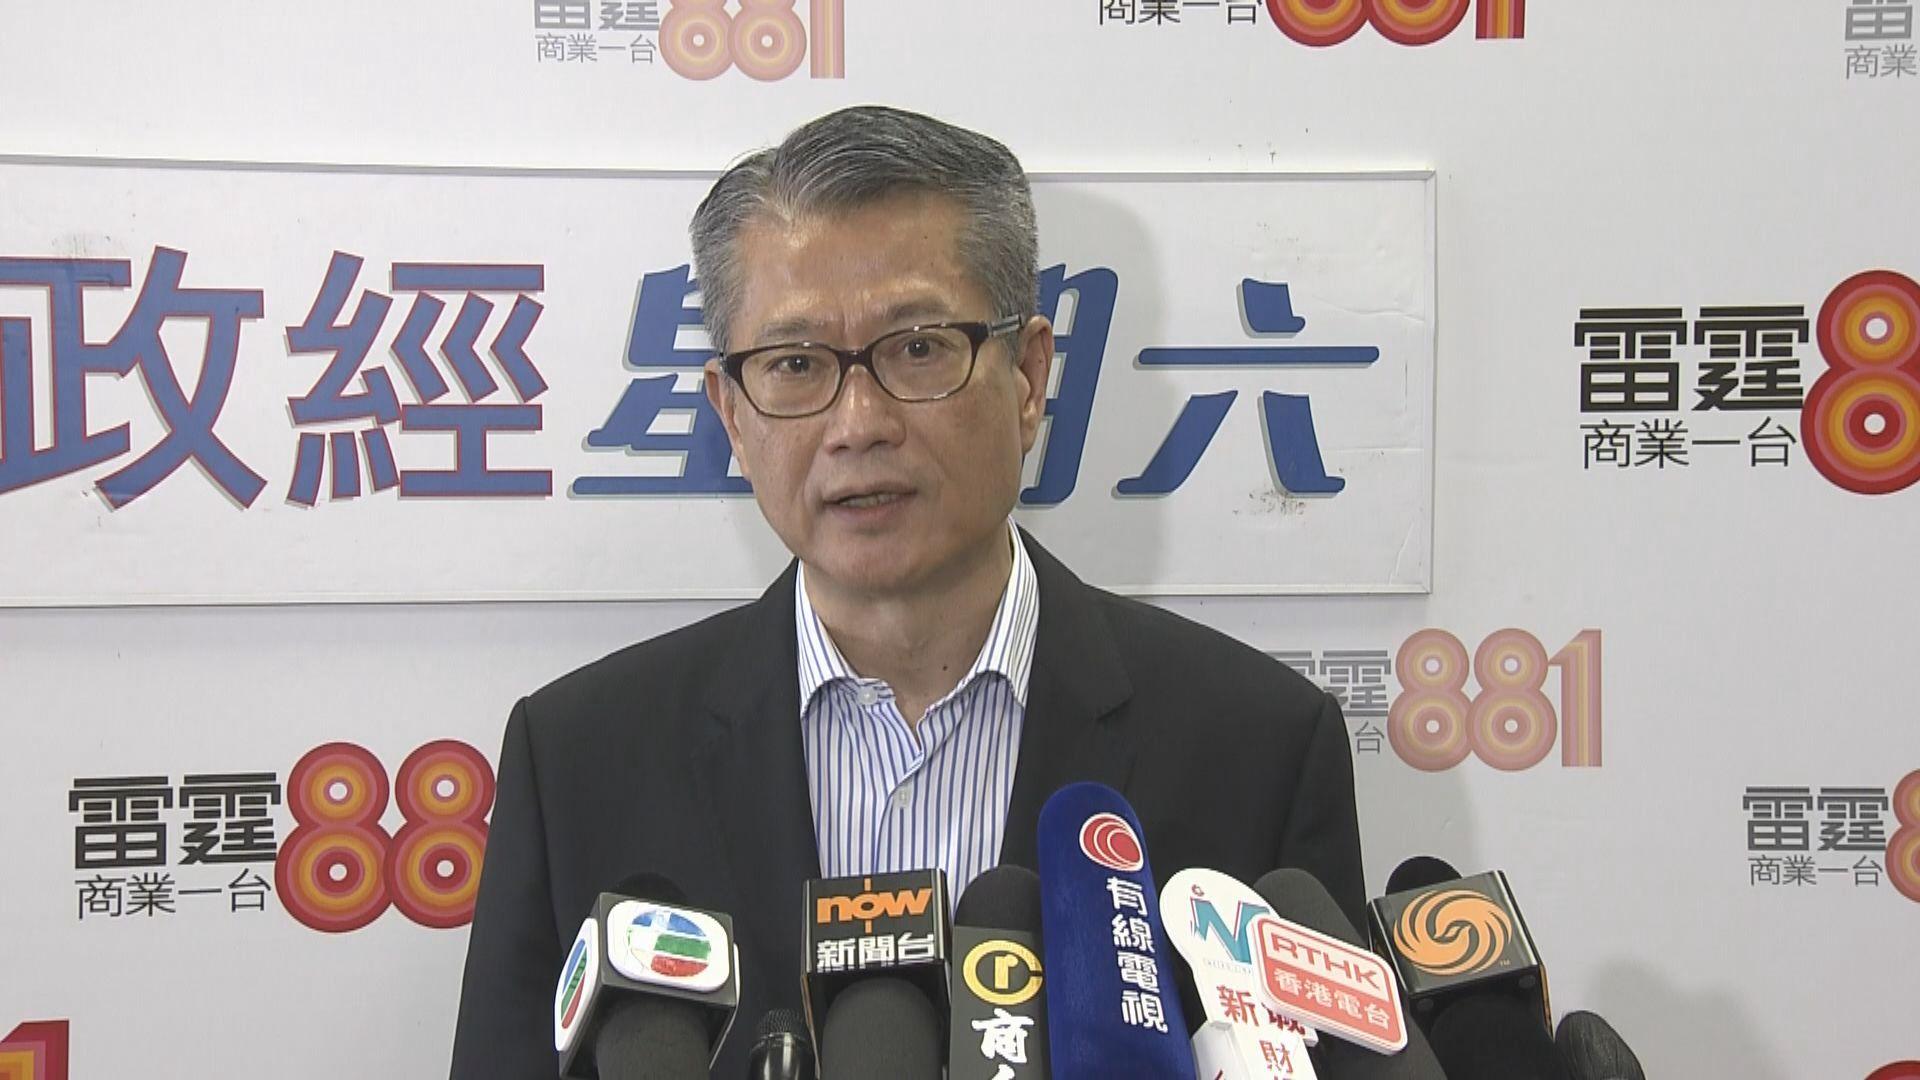 陳茂波:港人權與民主法案或影響投資氣氛